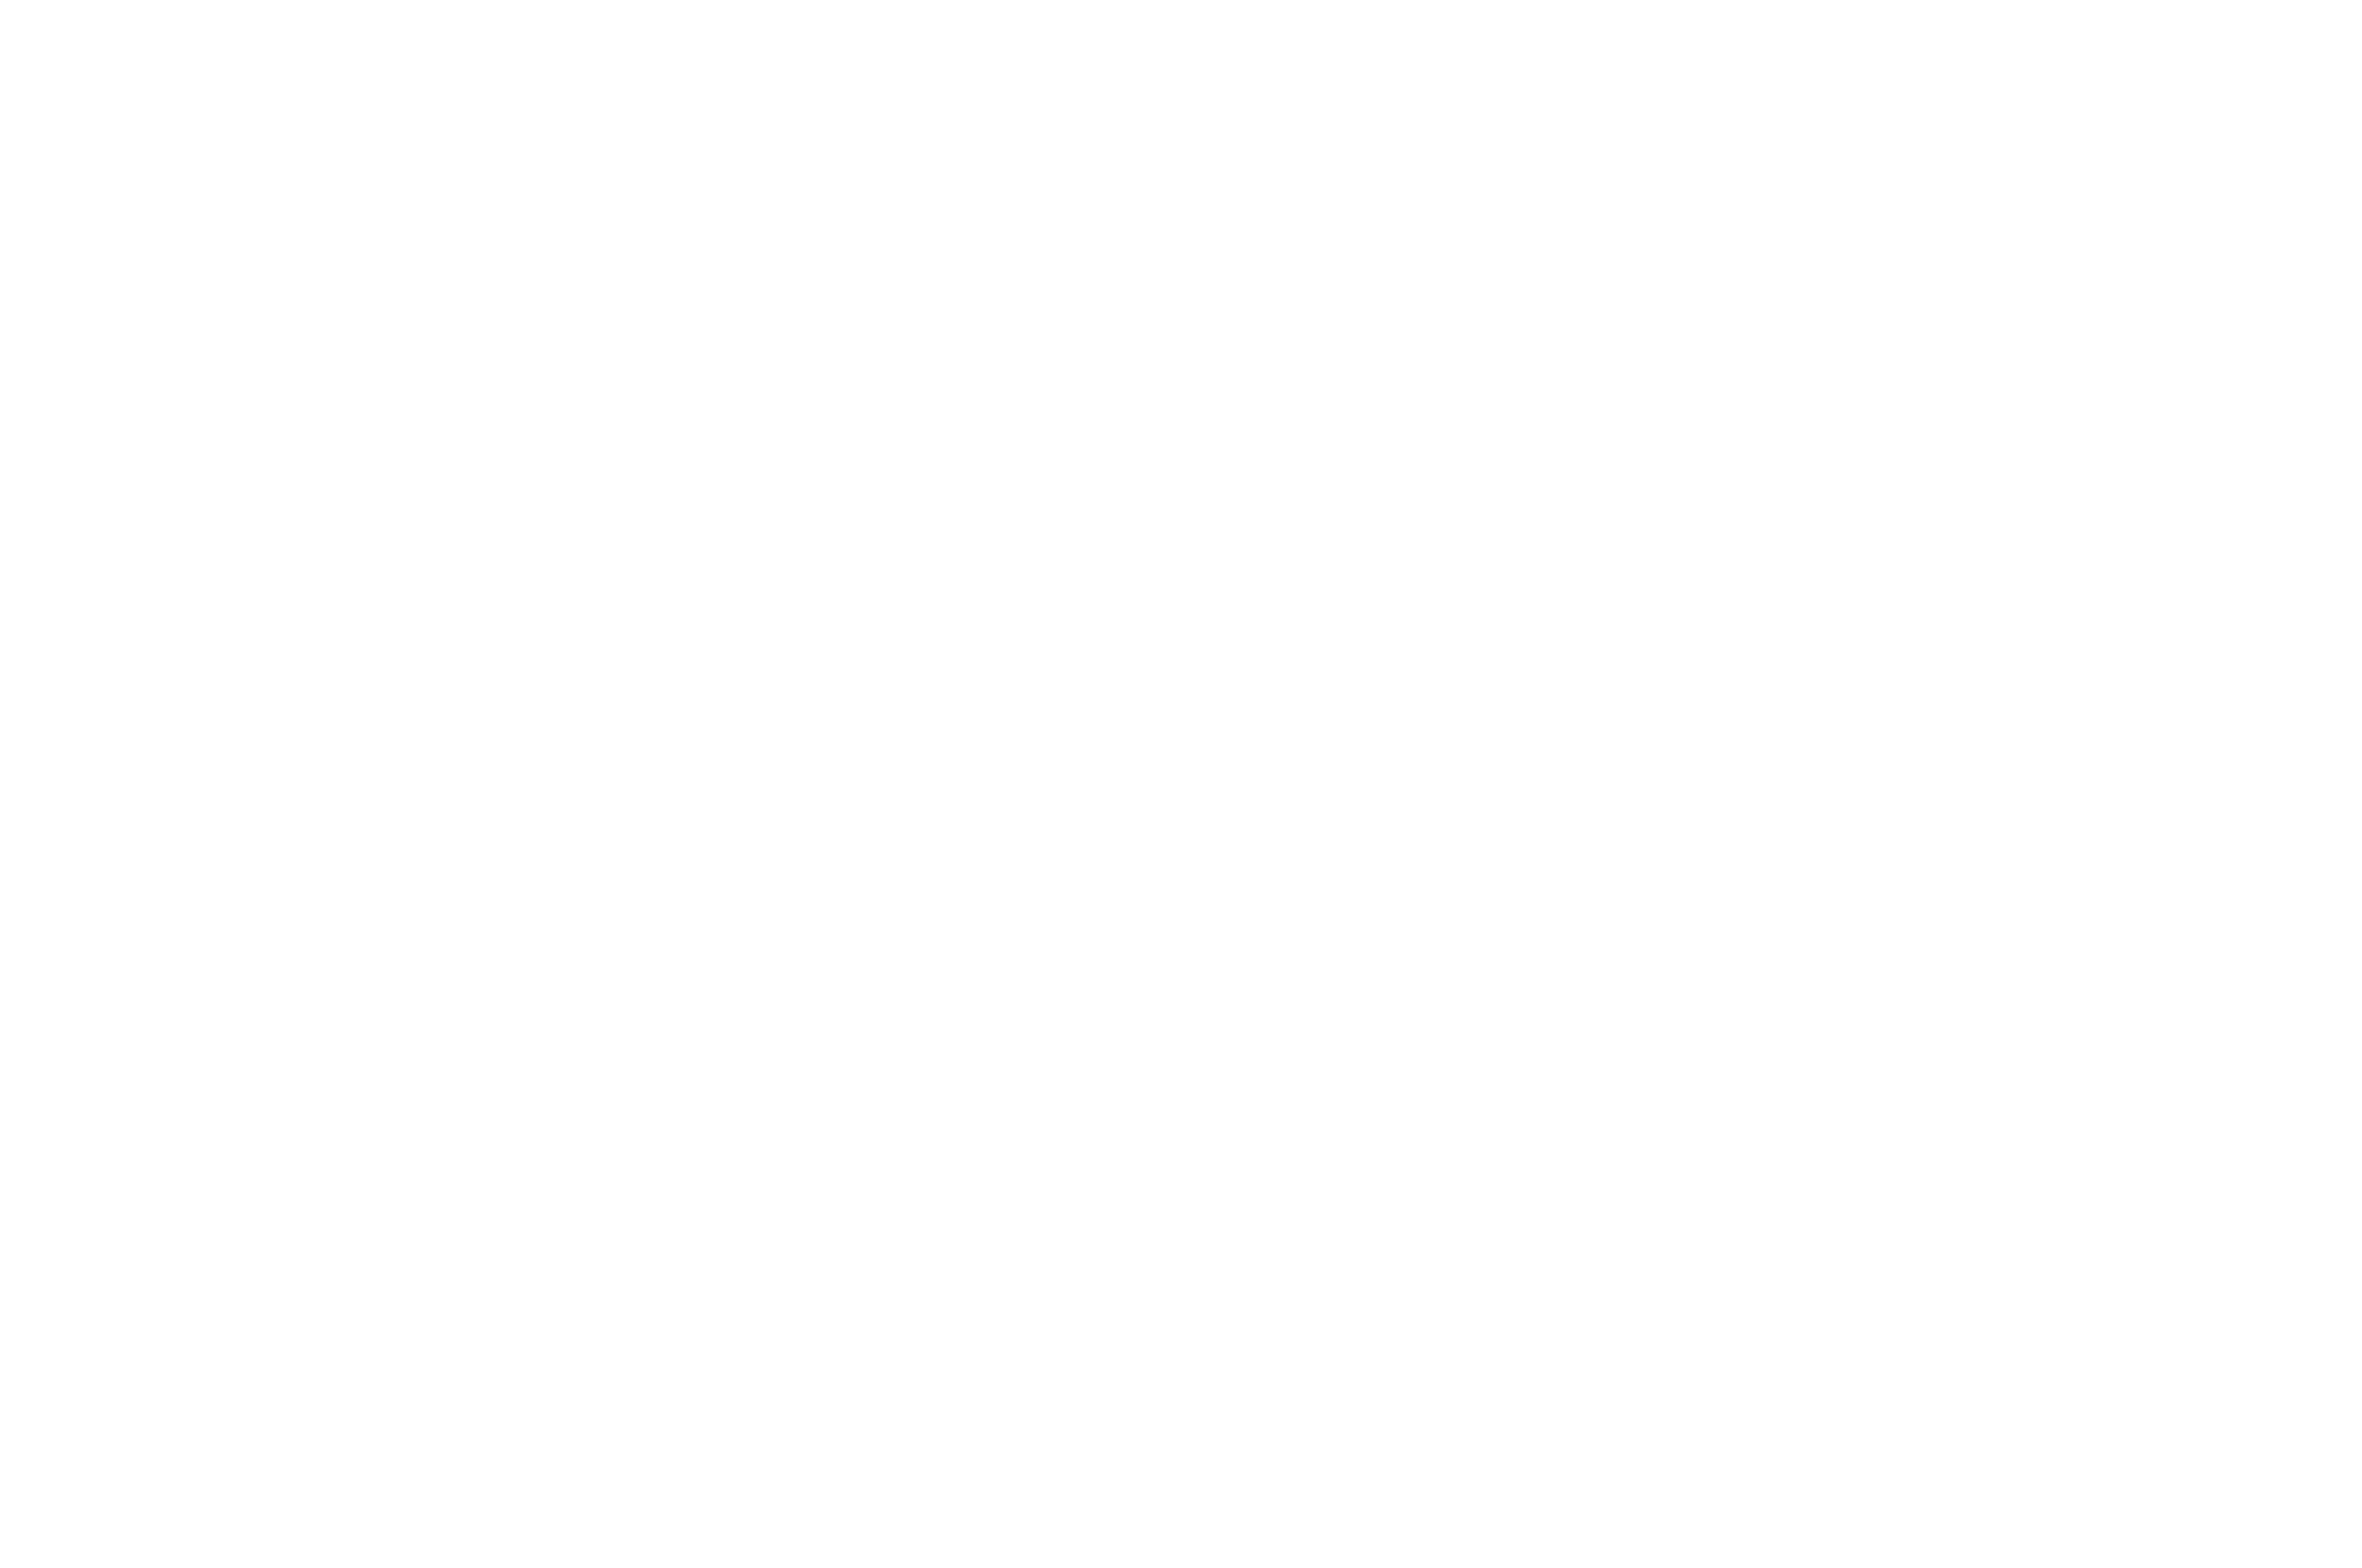 OFFICIALSELECTION-EKOTOPFILMENVIROFILM-2017.png